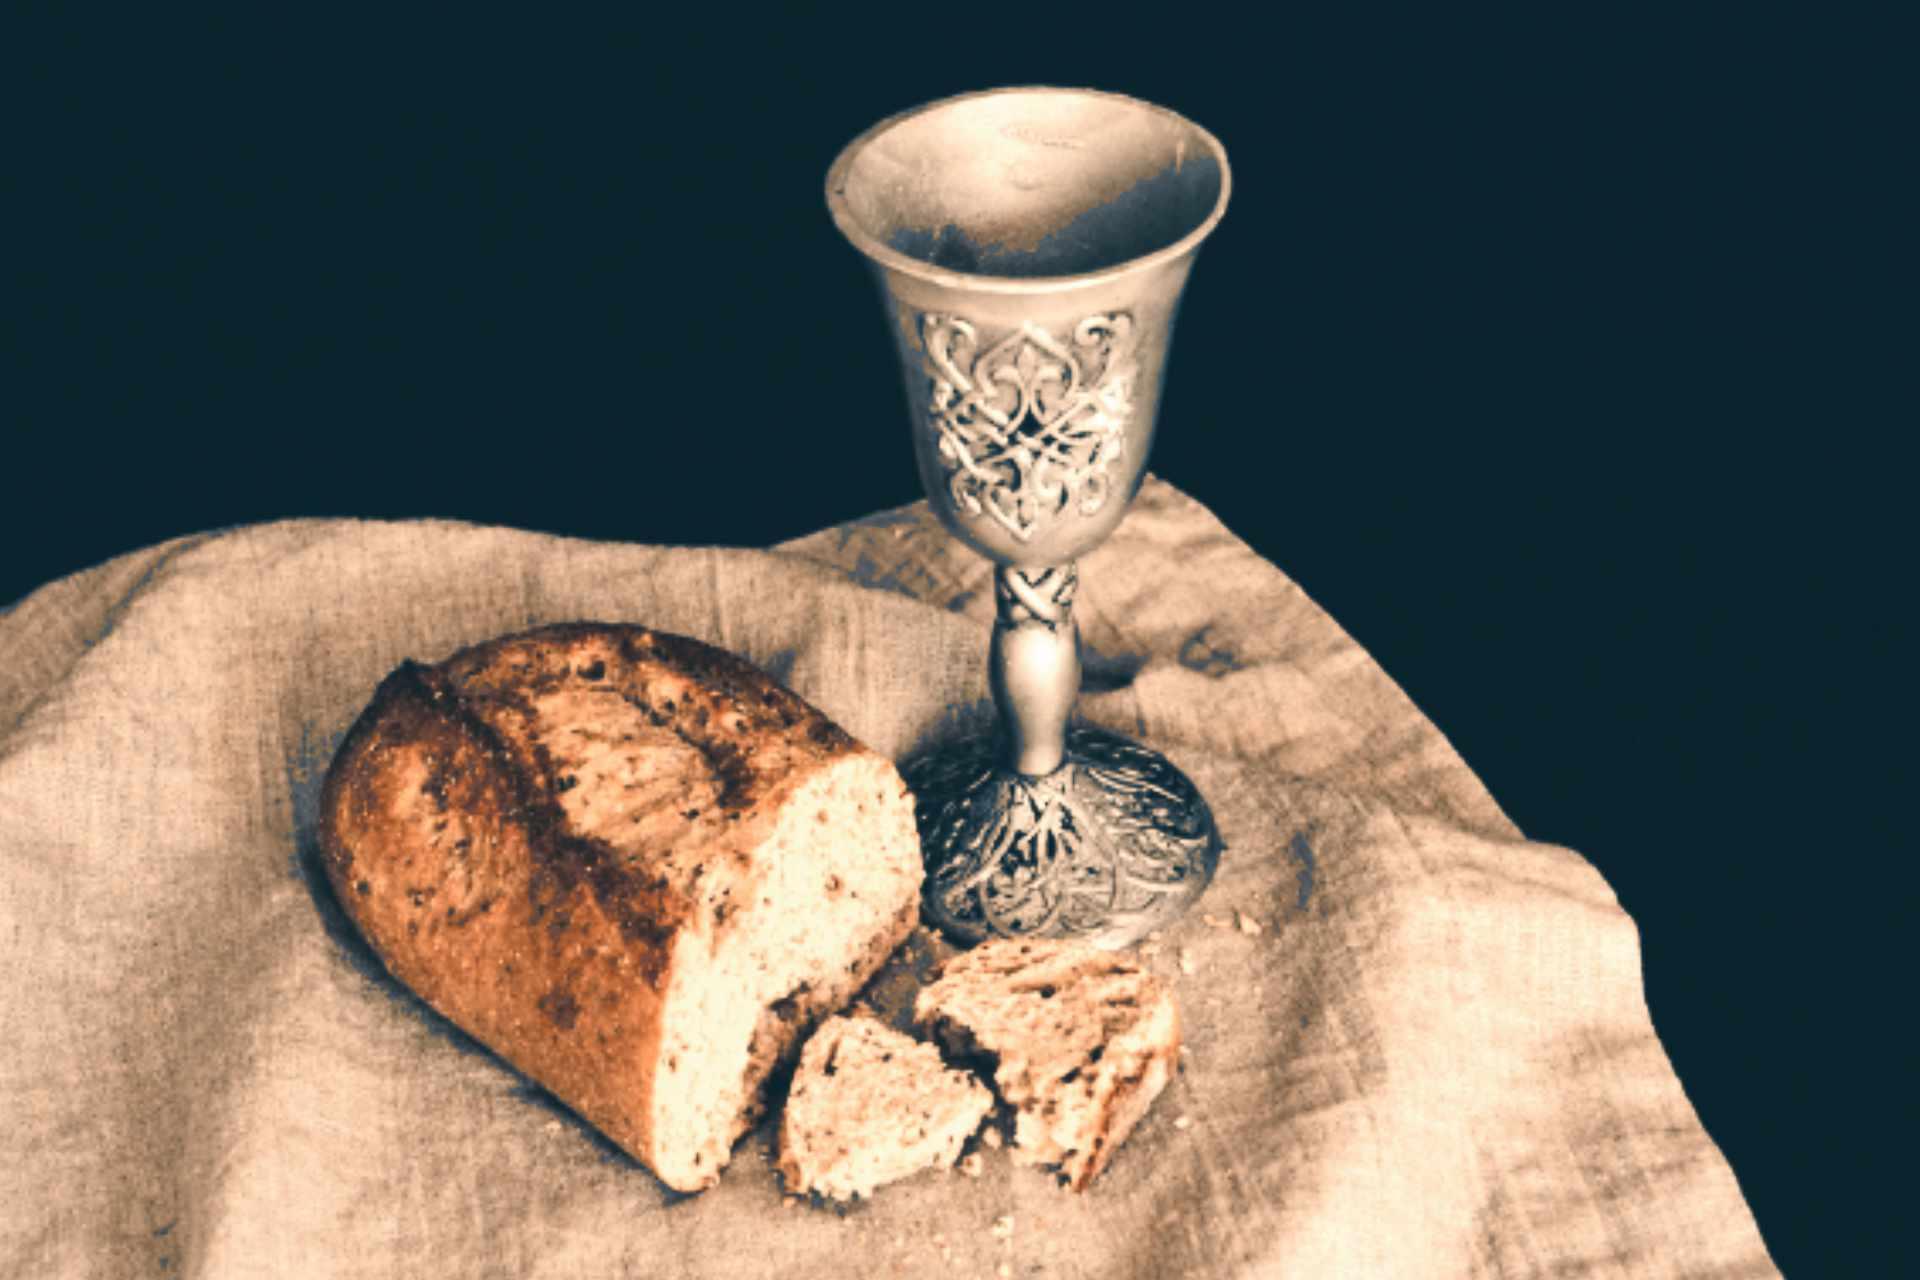 coupe en métal travaillé style celtique avec un pain et une tranche de pain